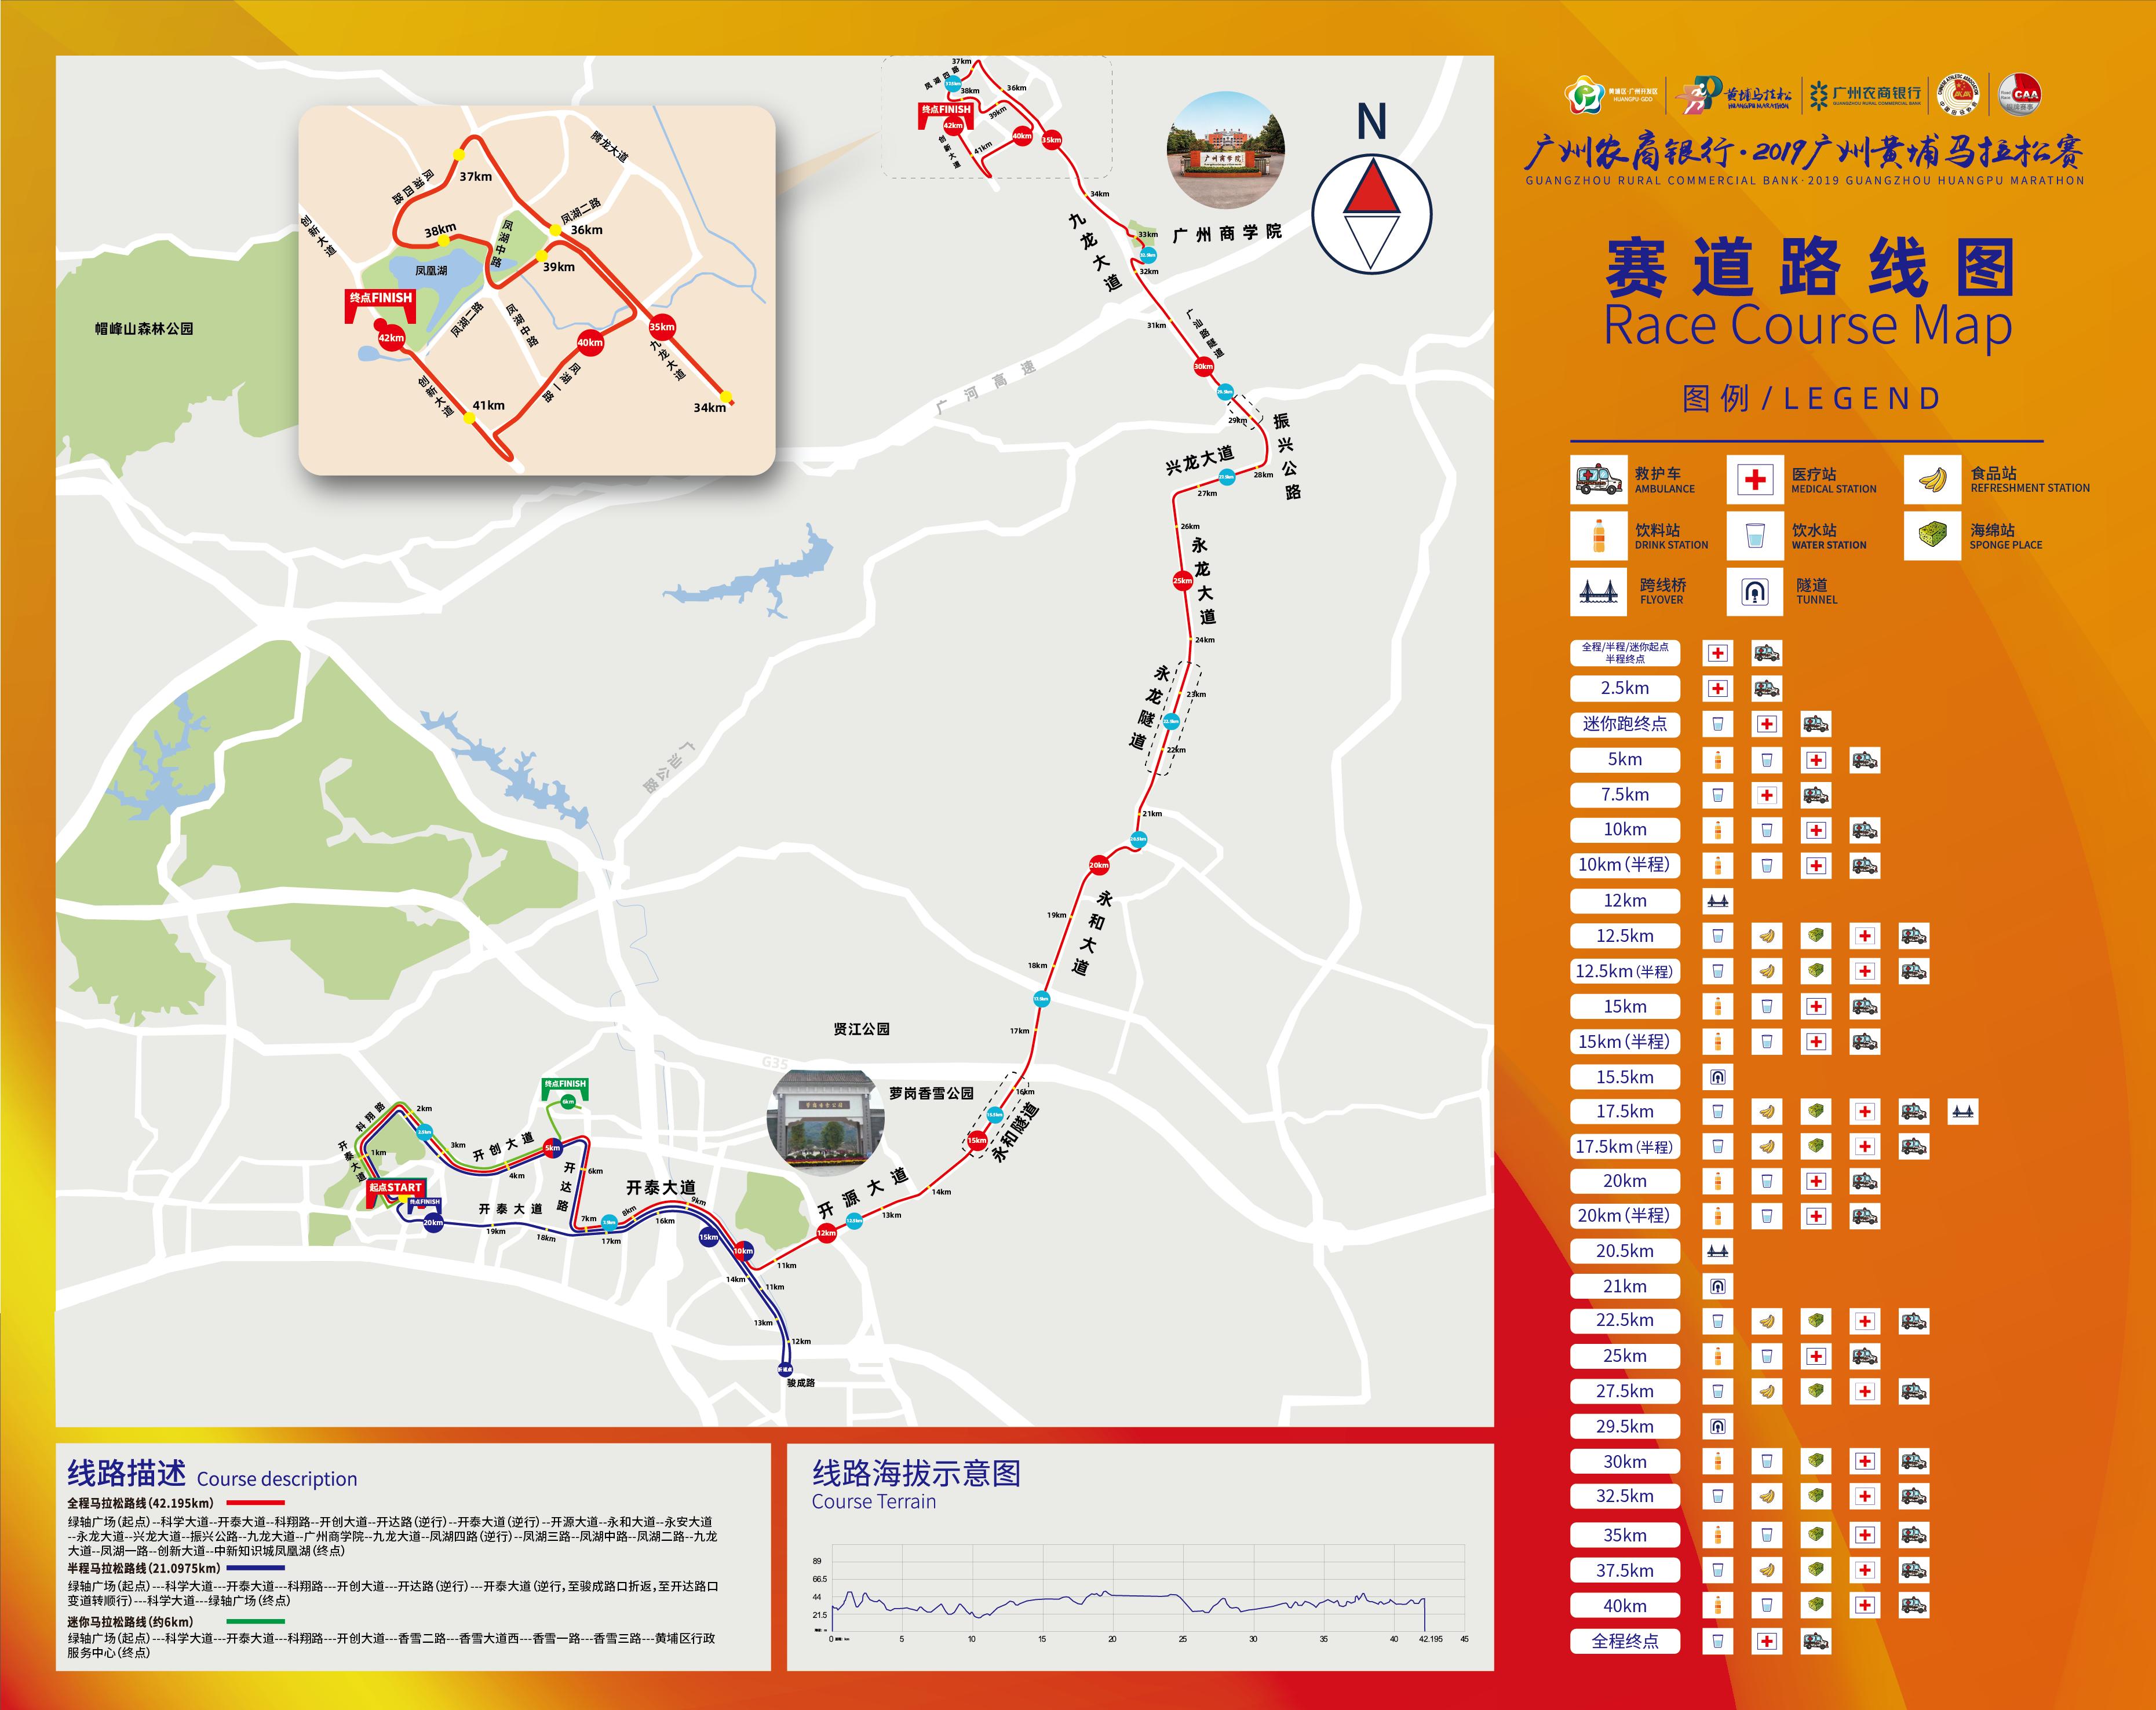 http://img.sport-china.cn/191119155dd3982f103e6.png